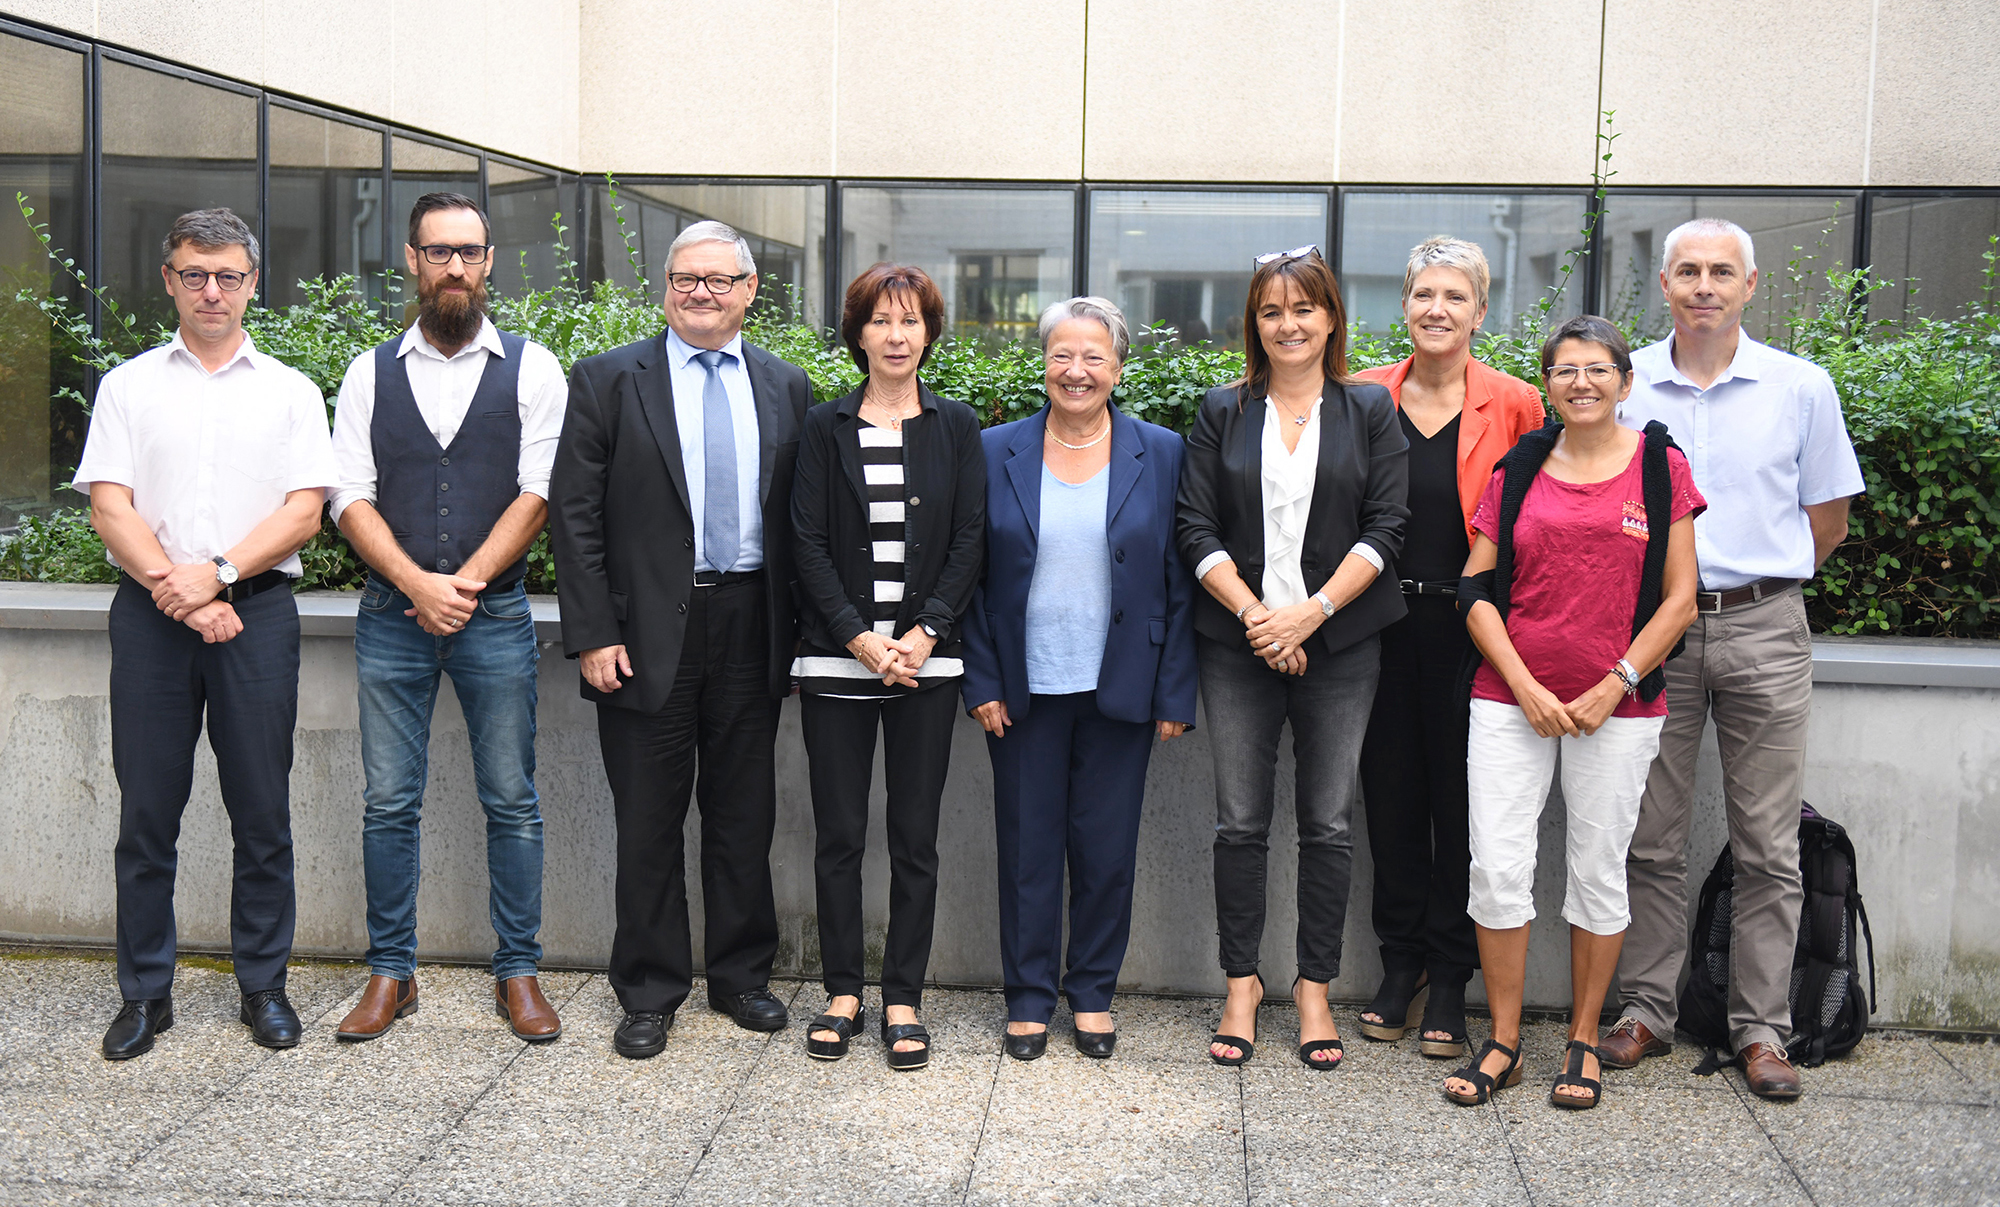 Lancement du Pôle Ressources Handicap Enfance Jeunesse de l'Isère